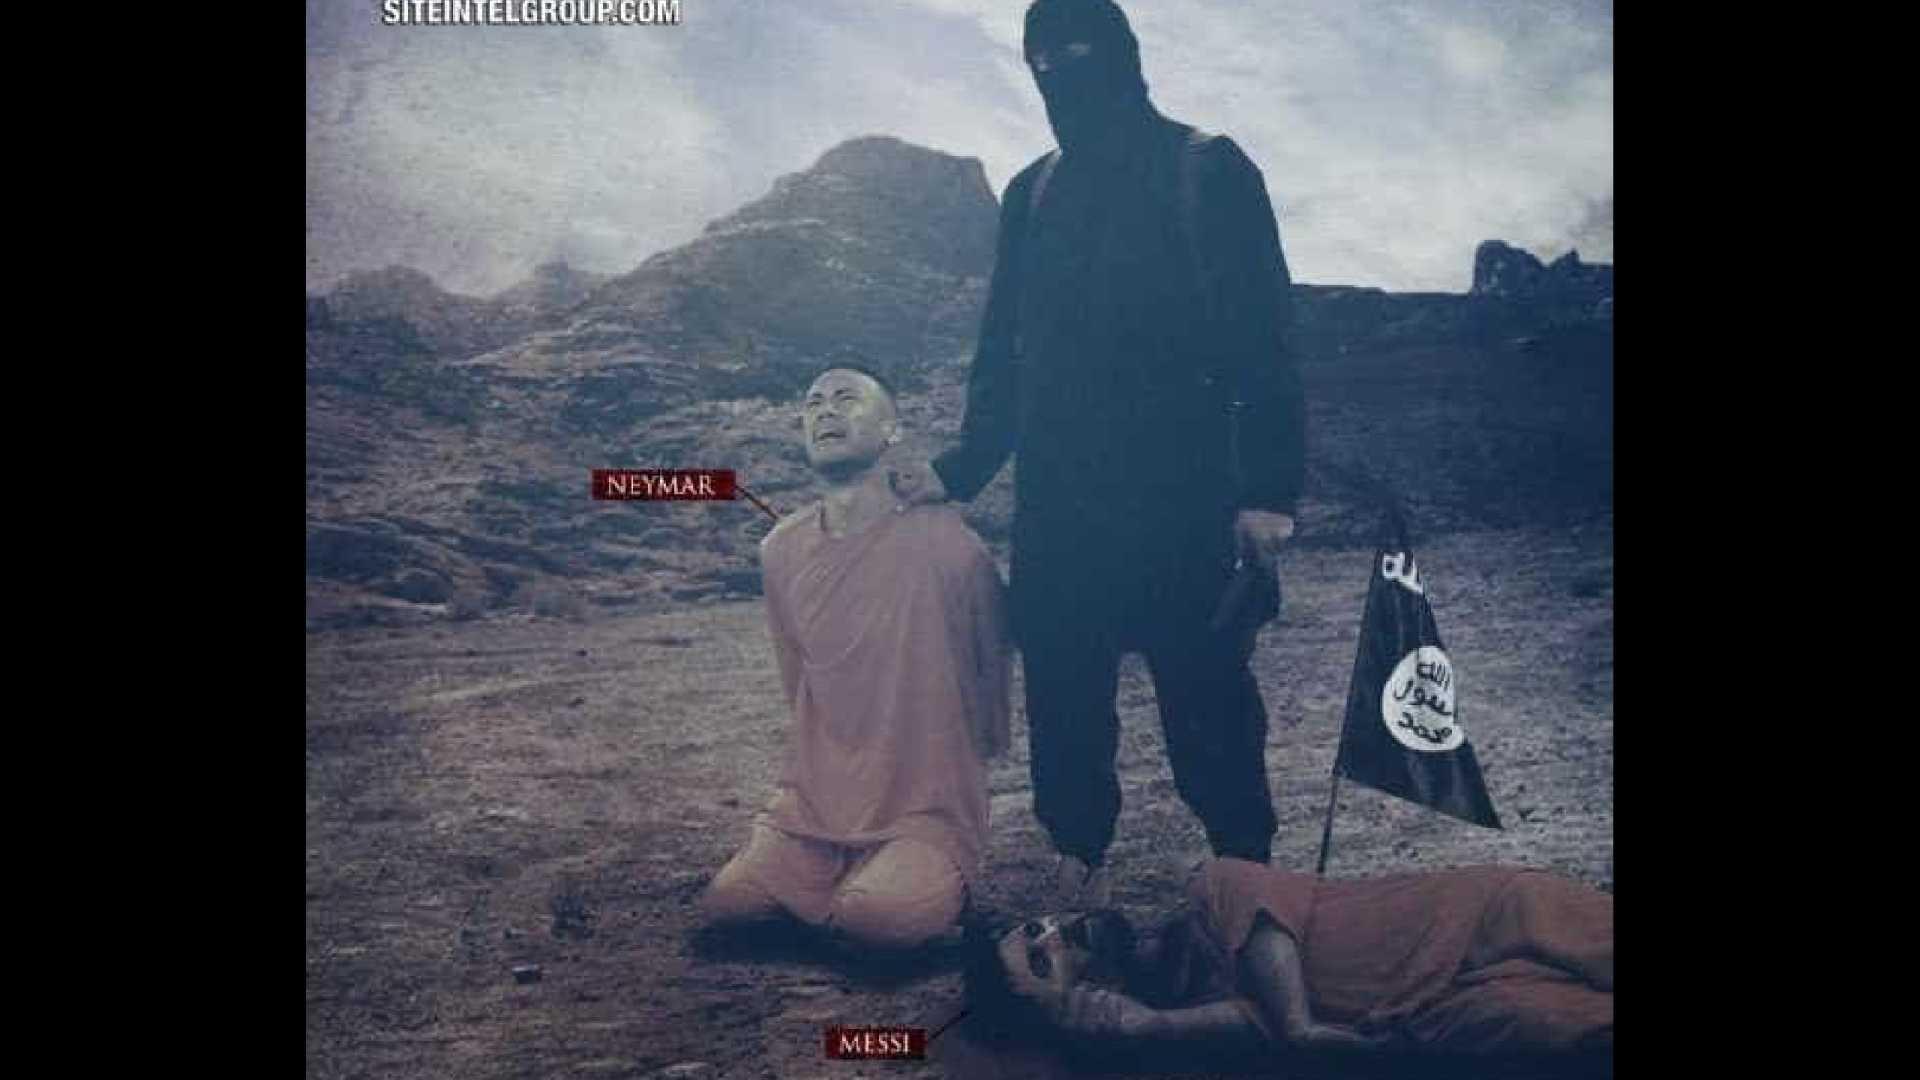 Estado Islâmico usa imagem de Neymar em ameaça de atentado à Copa 2018 - Imagem : Divulgação